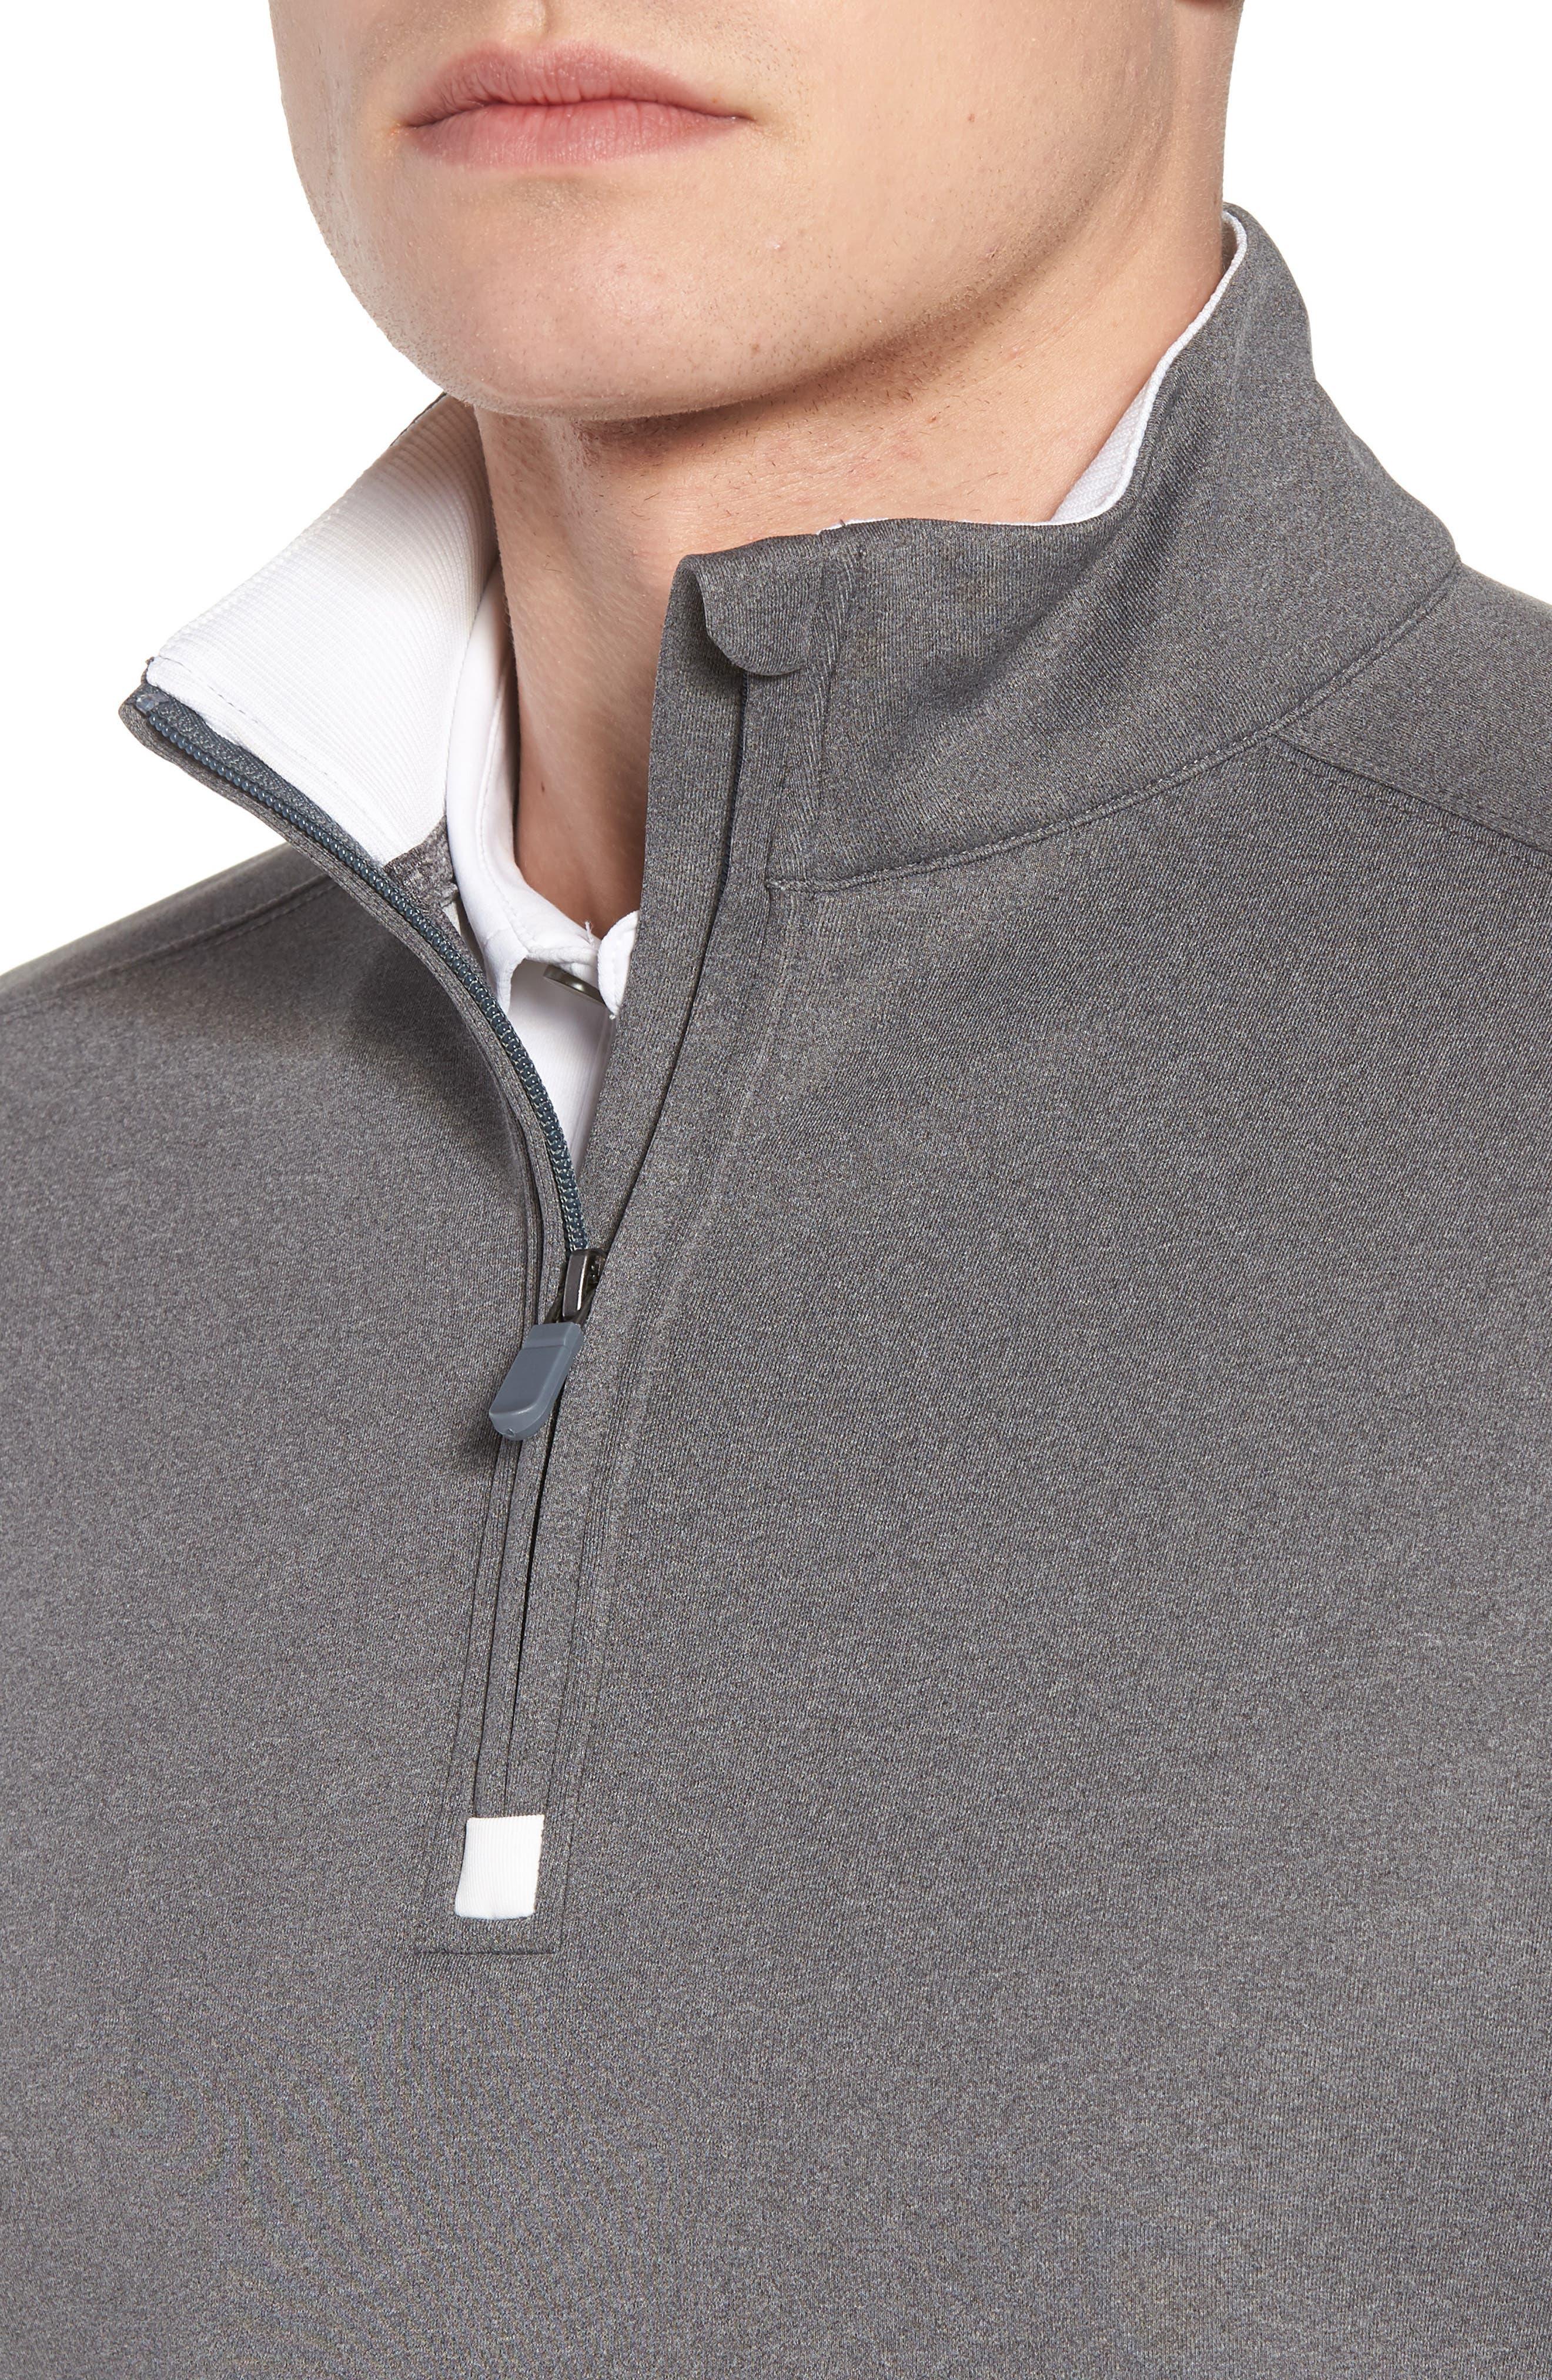 Quarter Zip Tech Vest,                             Alternate thumbnail 4, color,                             GRAPHITE HEATHER